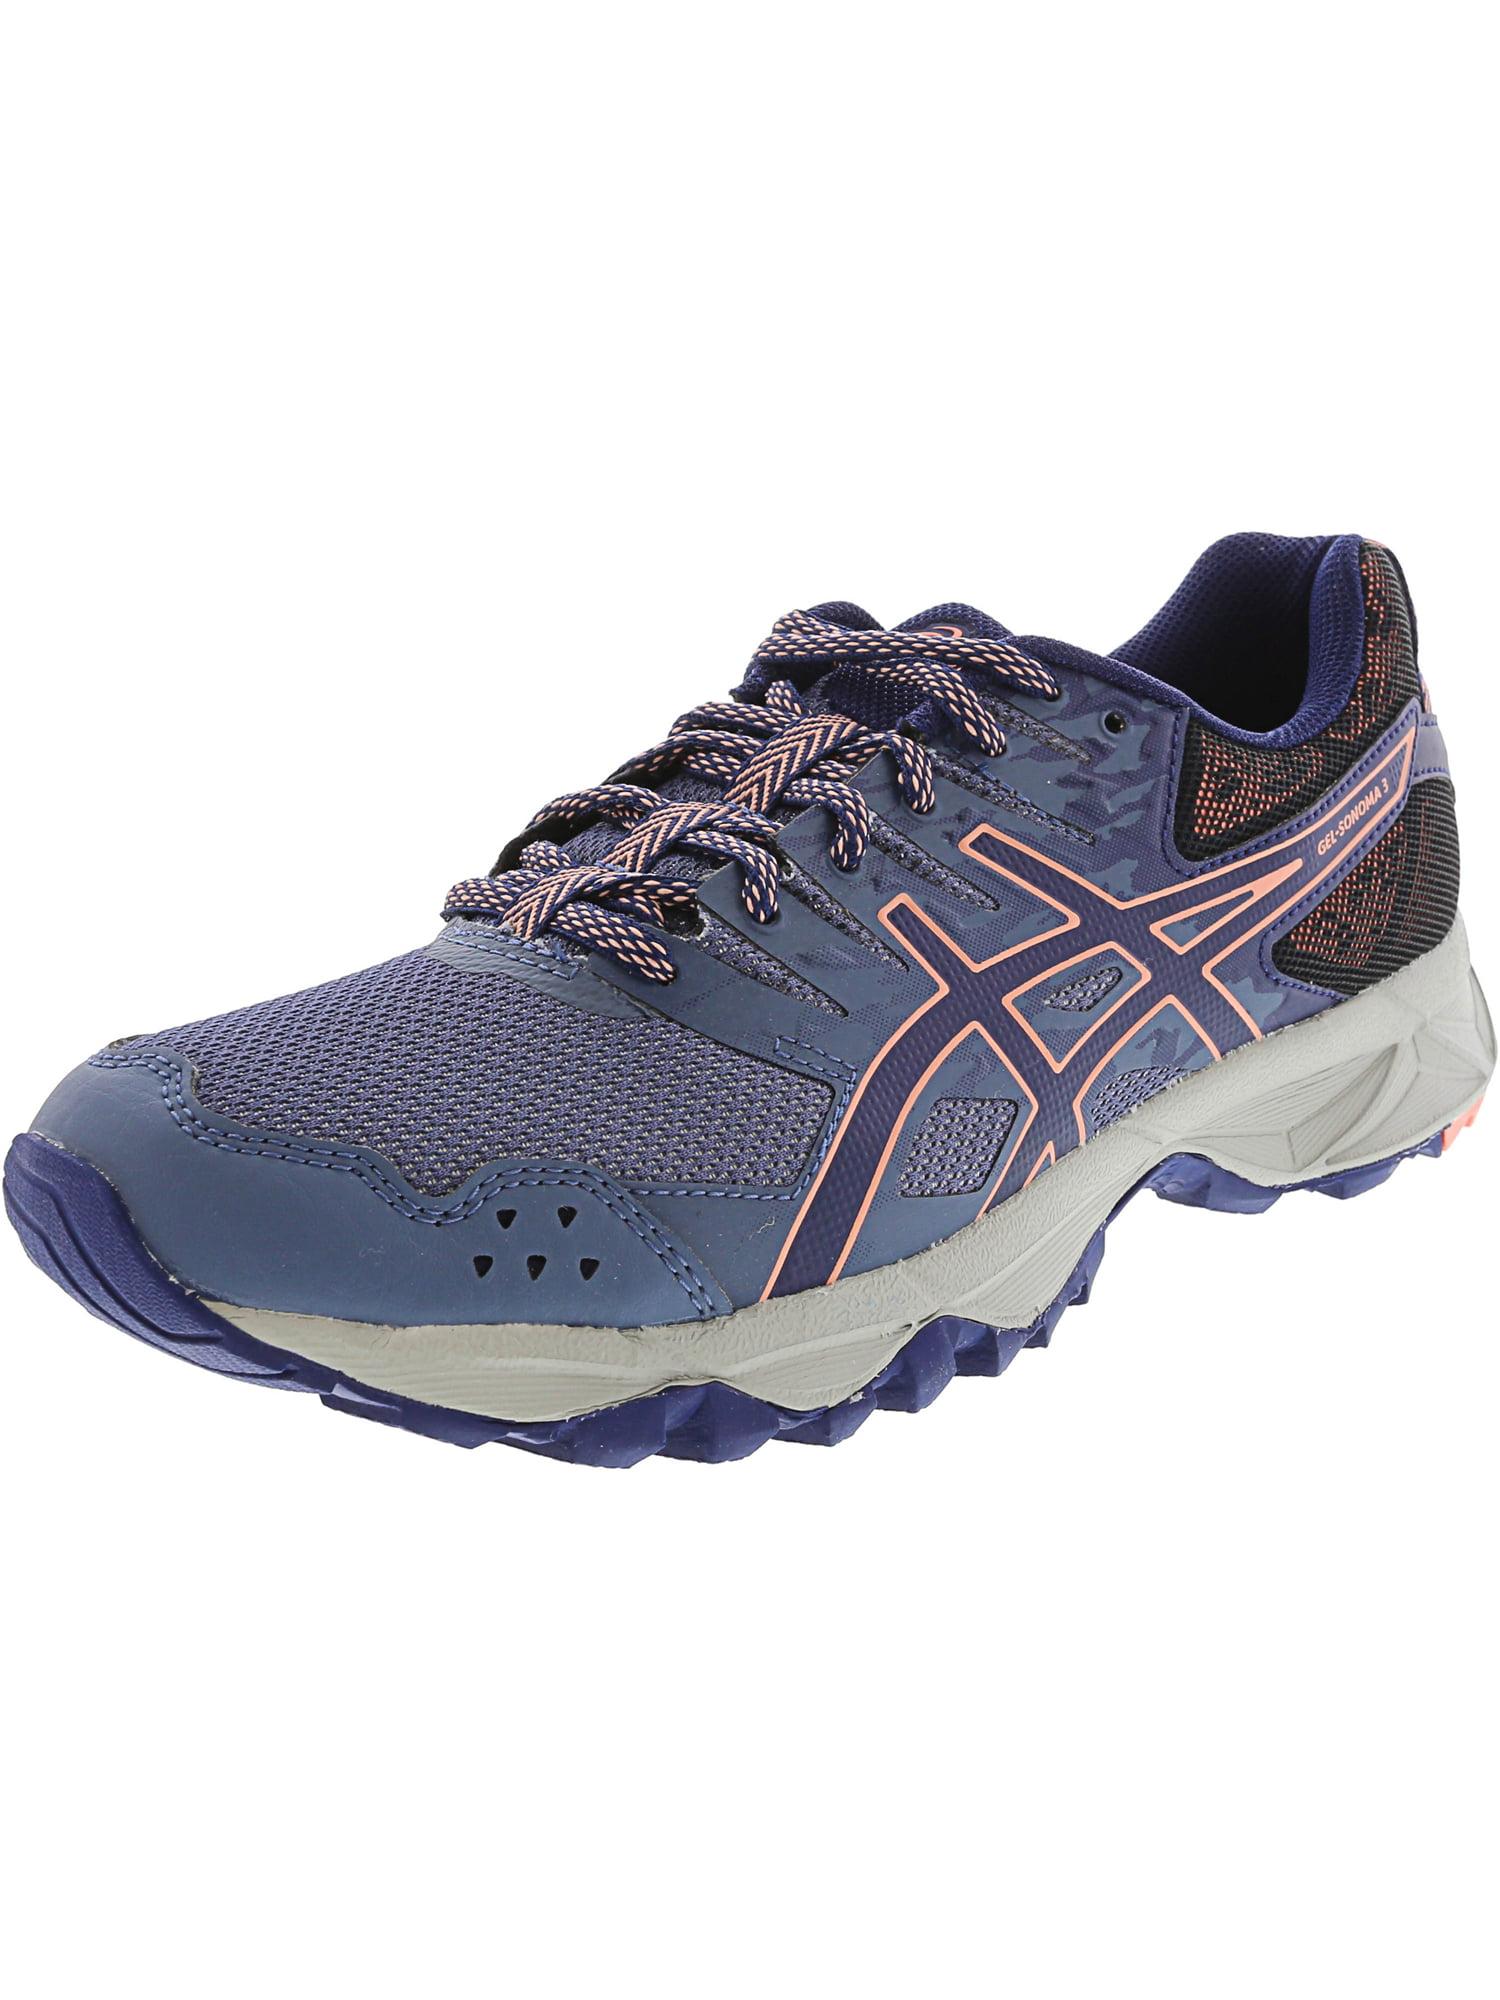 ASICS Asics Women's Gel Sonoma 3 Smoke Blue Indigo Begonia Pink Ankle High Running Shoe 8.5M